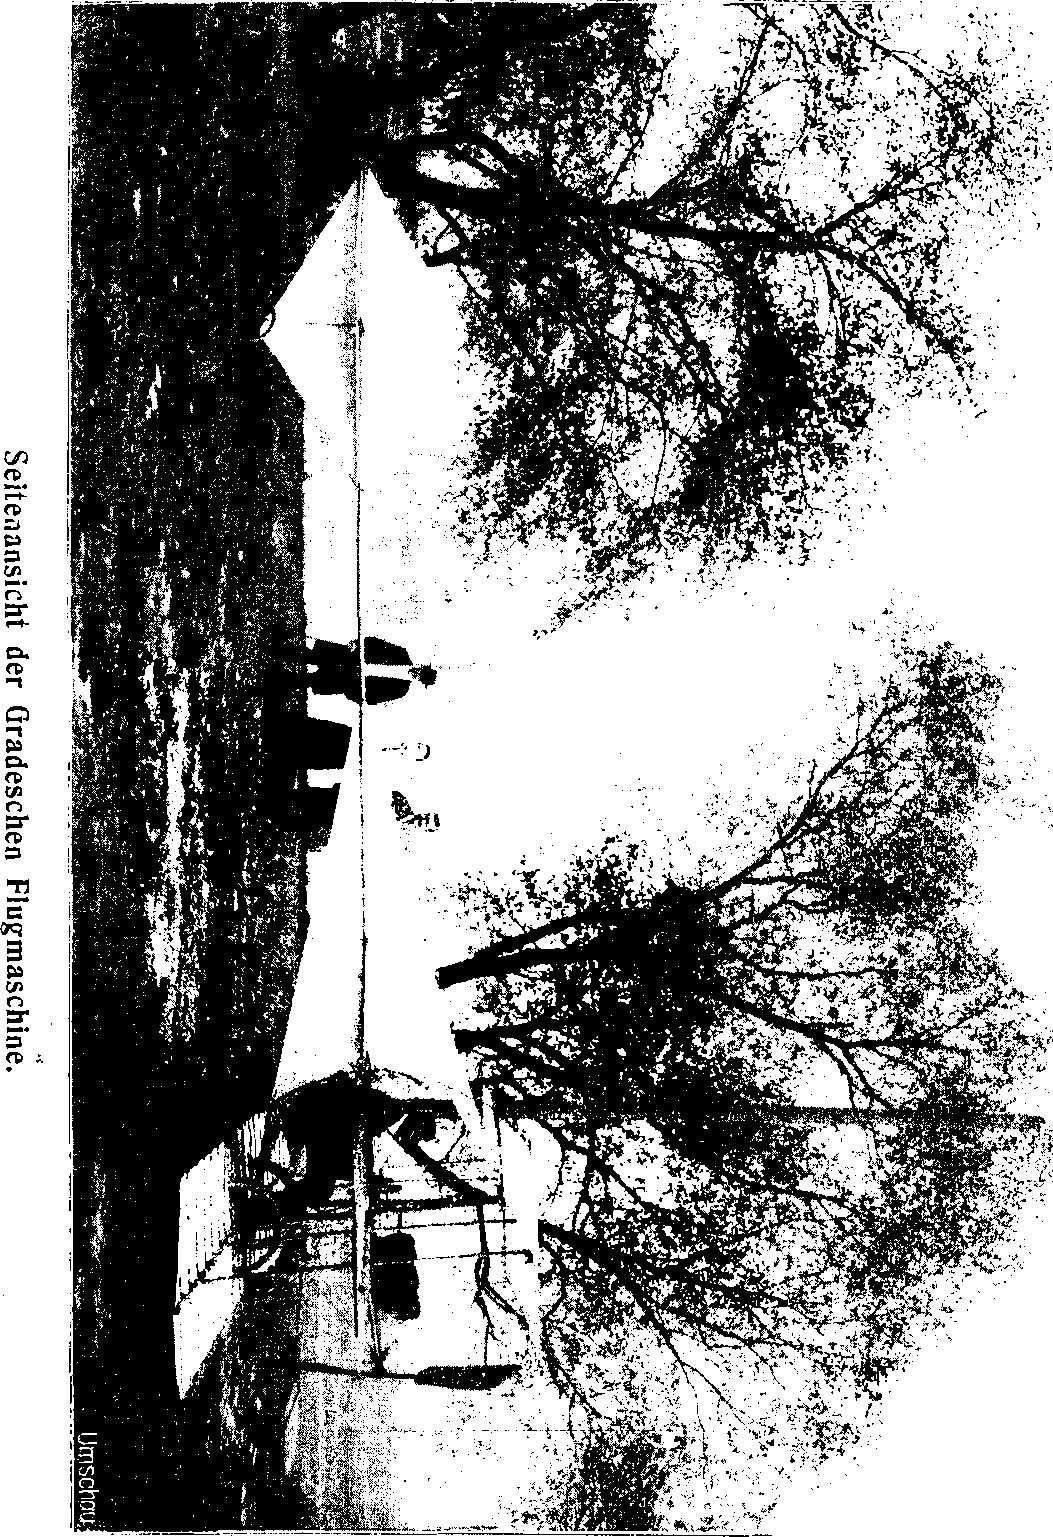 Flugzeuge und Luftfahrt im Deutschen Kaiserreich sowie Fliegerclubs und Luftsportvereine im Jahr 1909